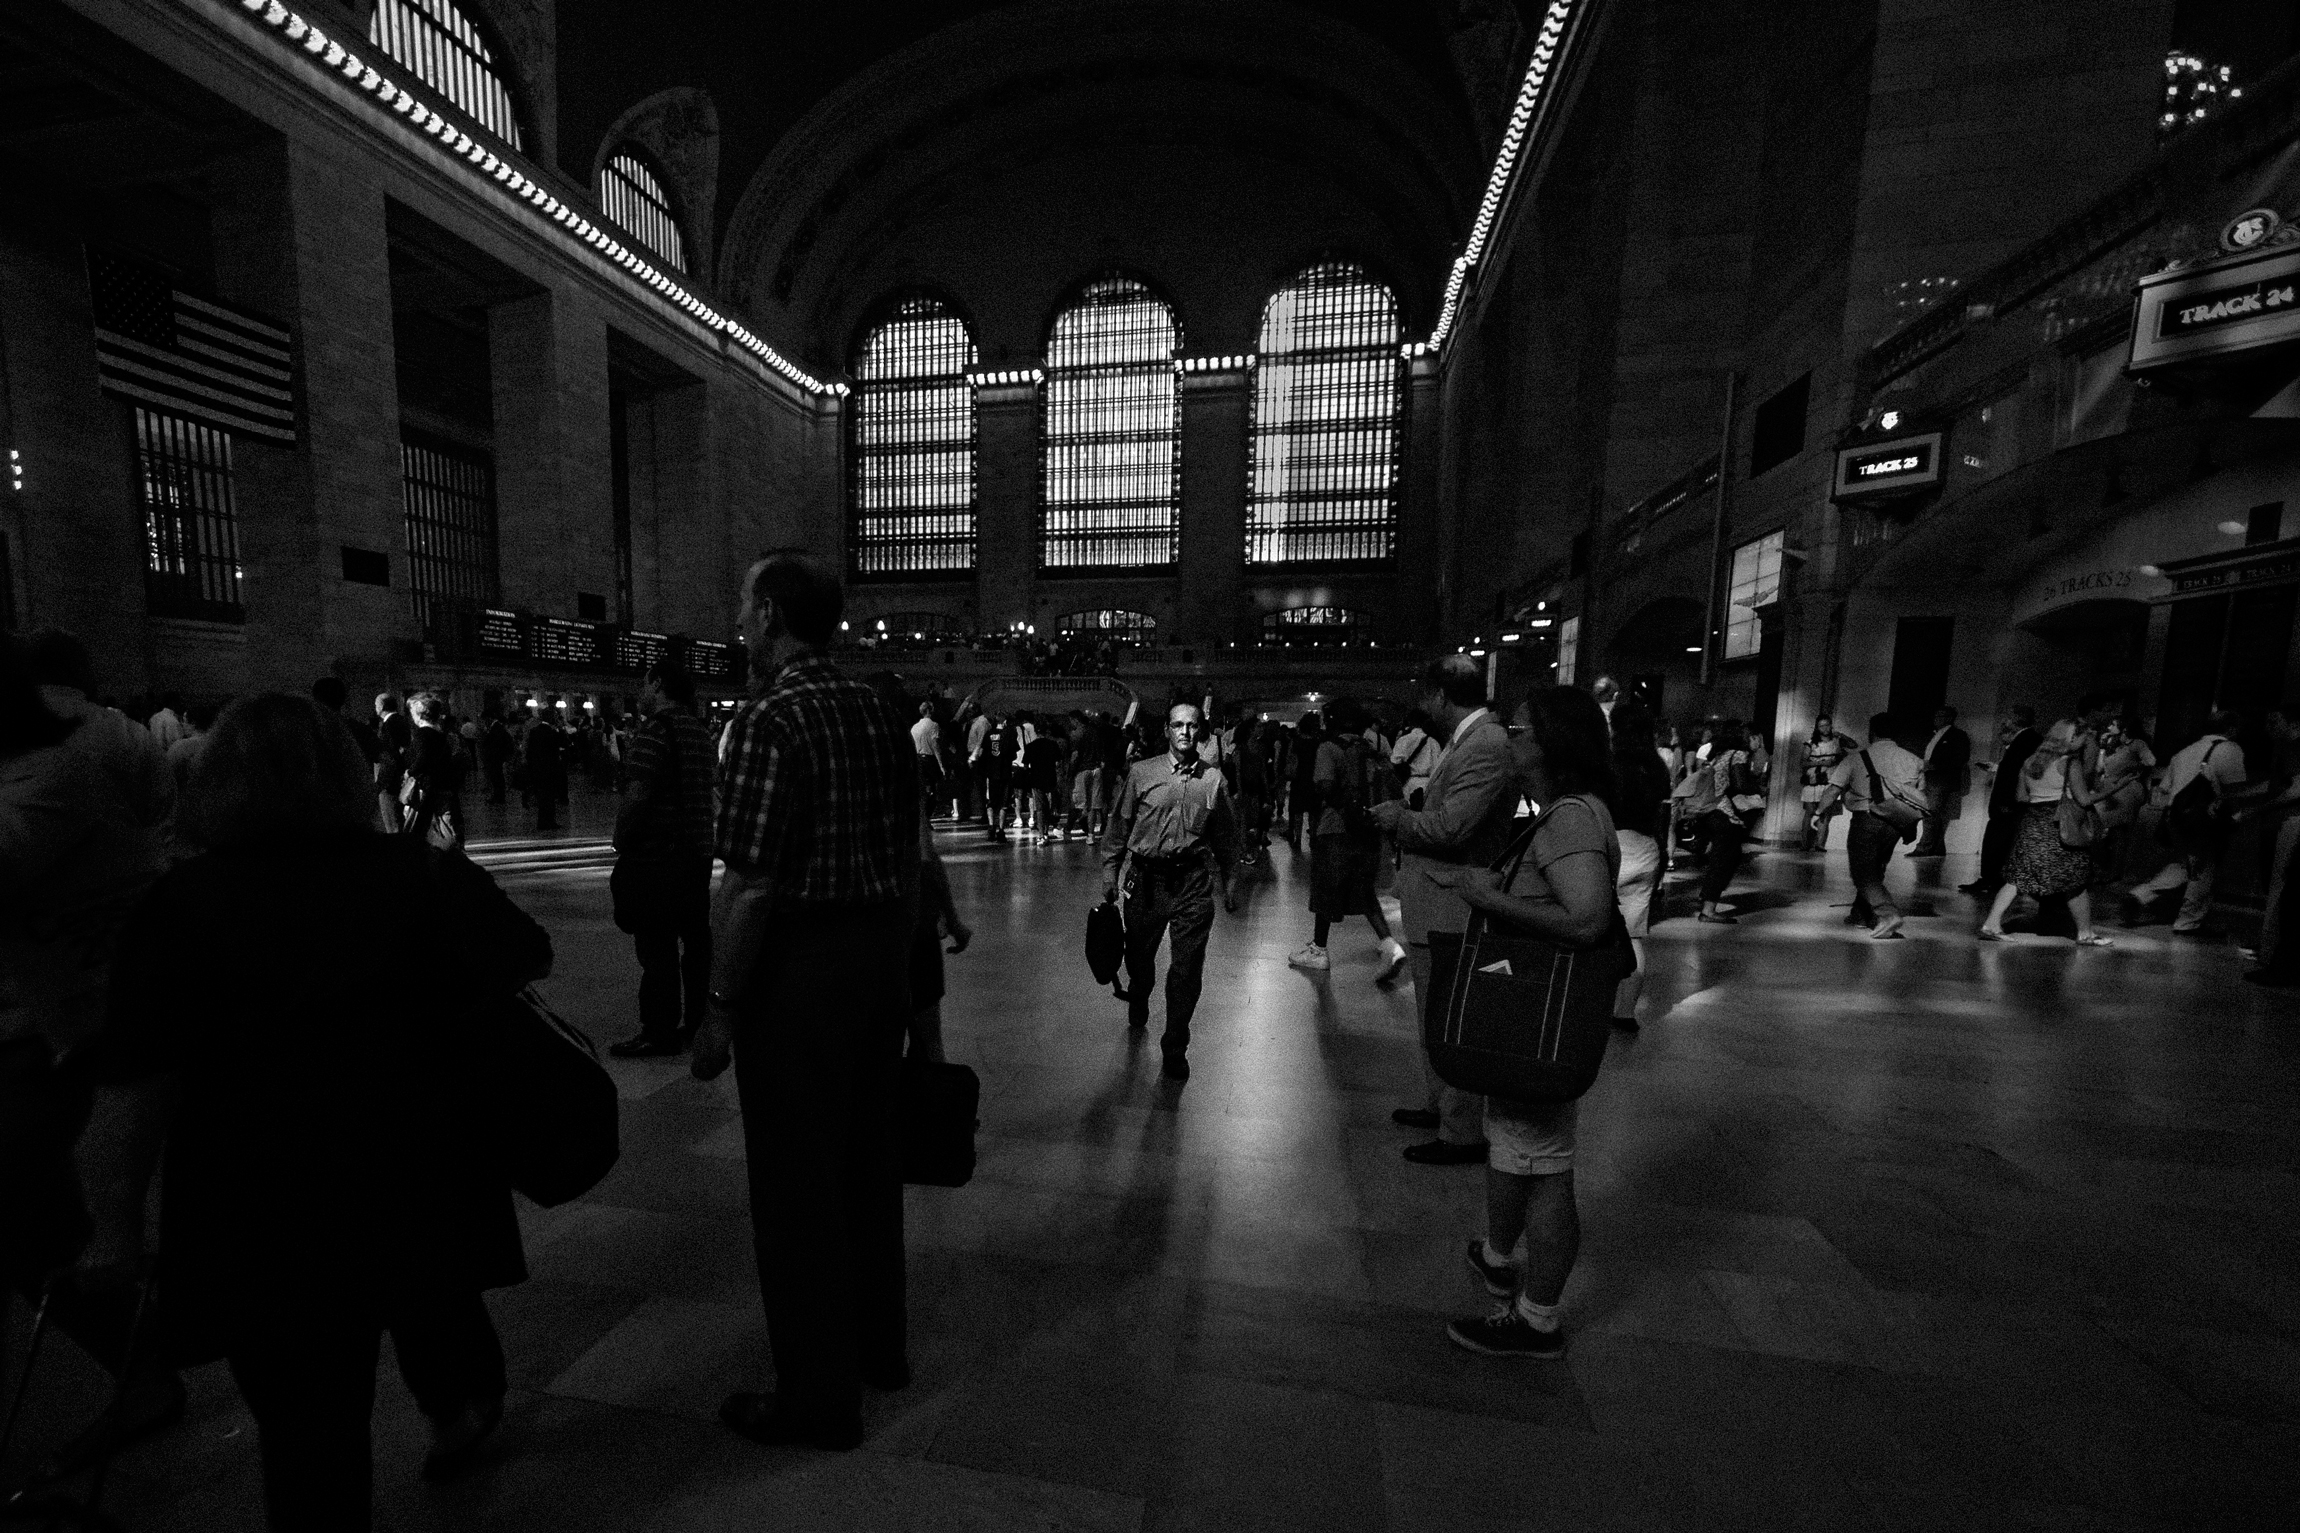 Urban Commuter